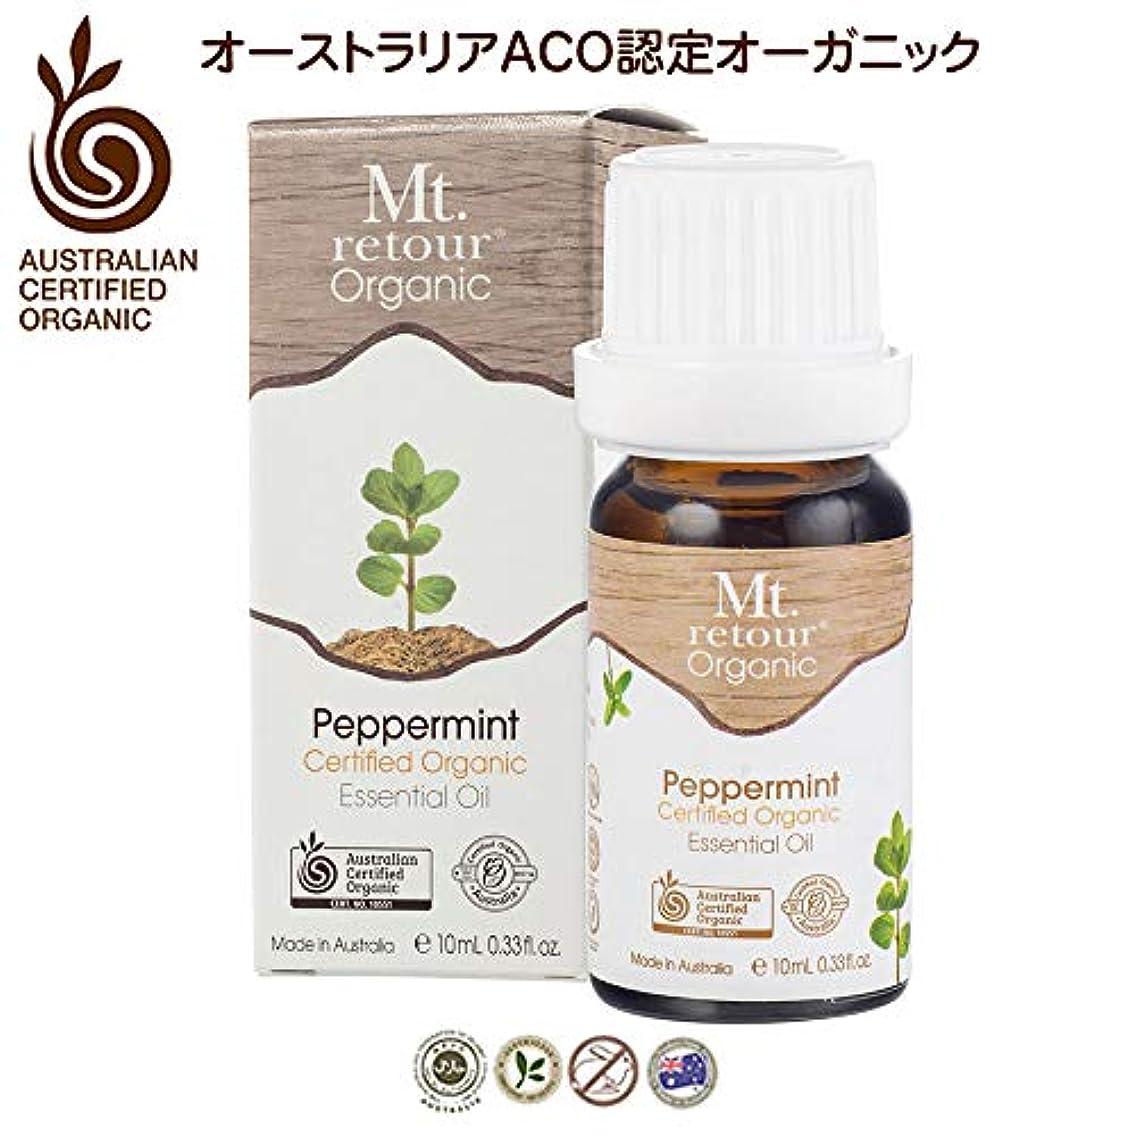 発明ヤング弱いMt. retour ACO認定オーガニック ペパーミント10ml エッセンシャルオイル(無農薬有機)アロマ